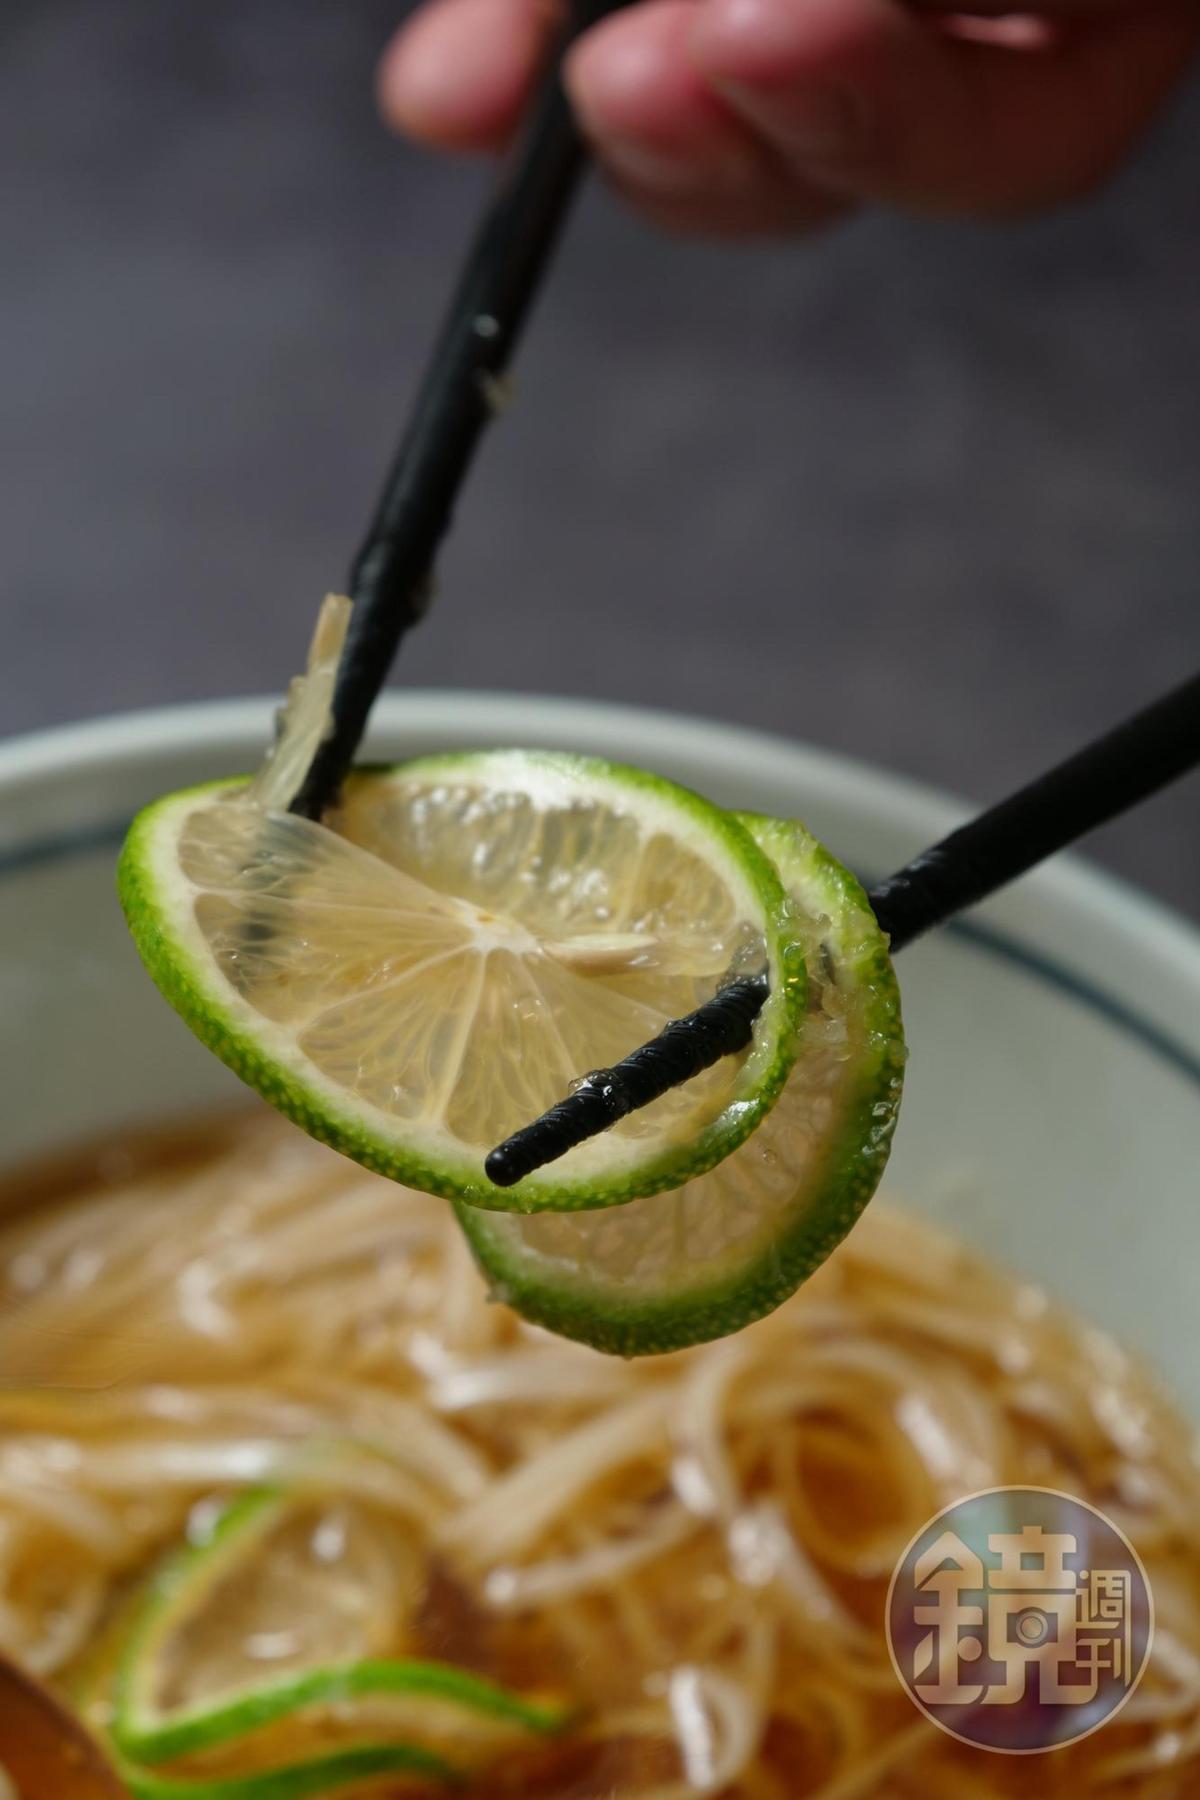 用筷子將檸檬片扭結擠汁。